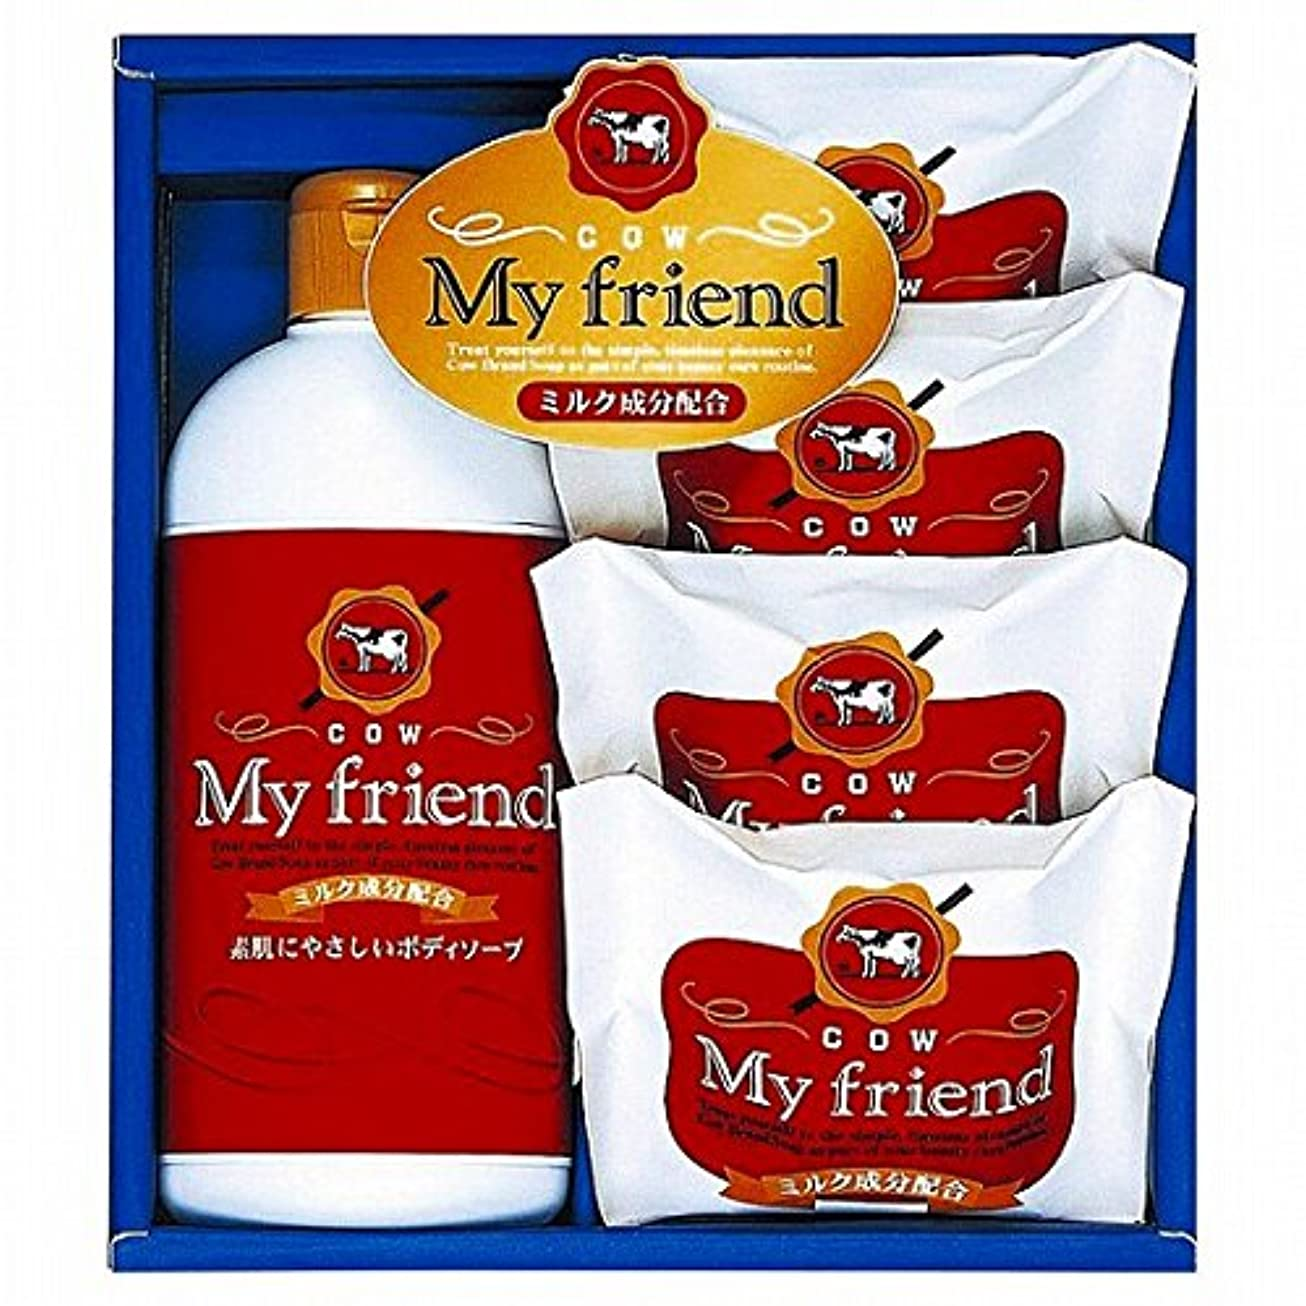 有益な呼び出す燃料nobrand 牛乳石鹸 マイフレンドボディソープセット (21940007)